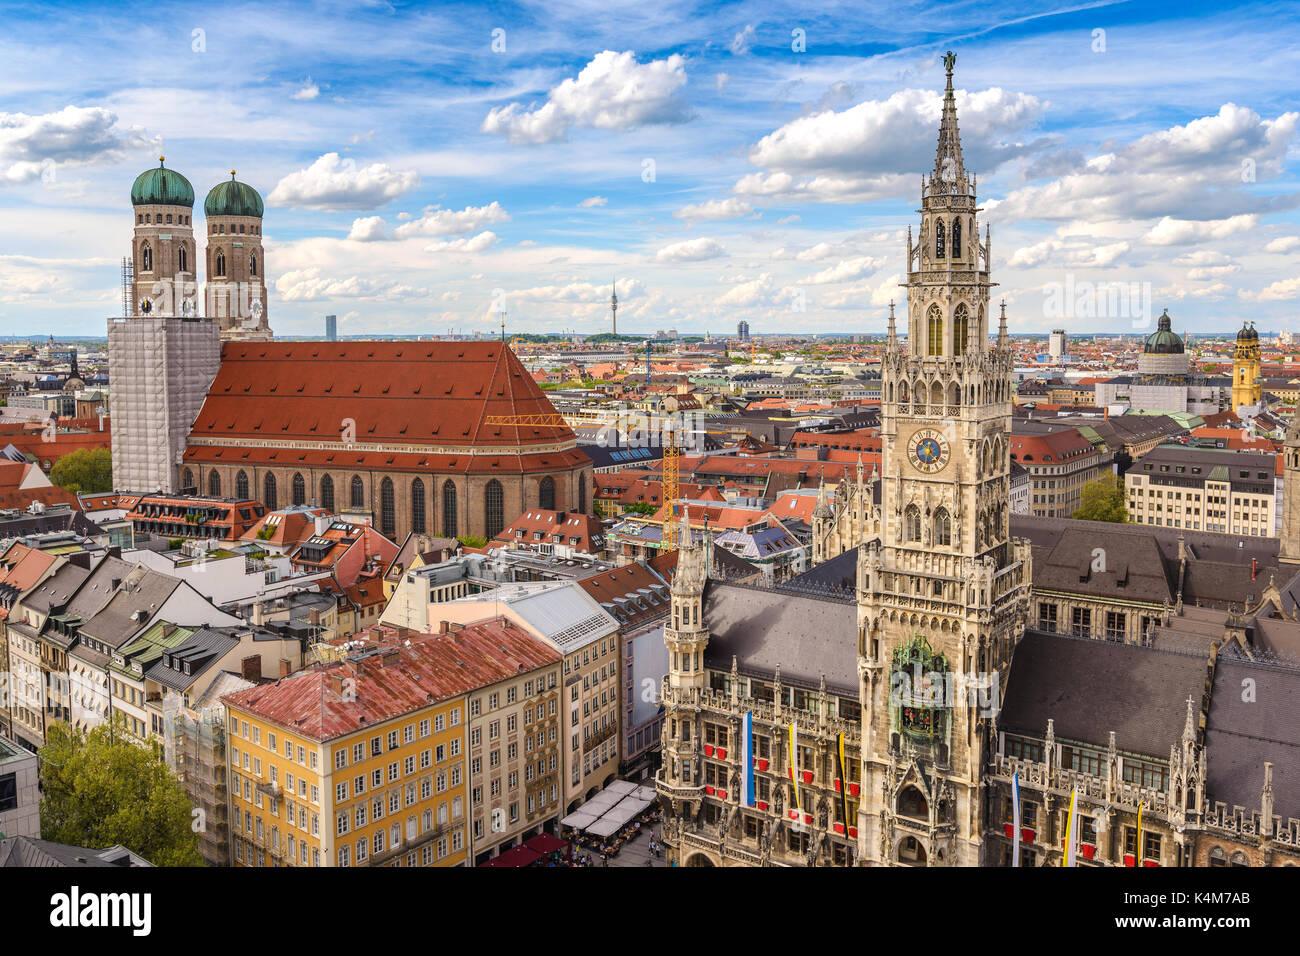 Monaco di Baviera skyline della città di marienplatz nuovo municipio di Monaco di Baviera, Germania Immagini Stock